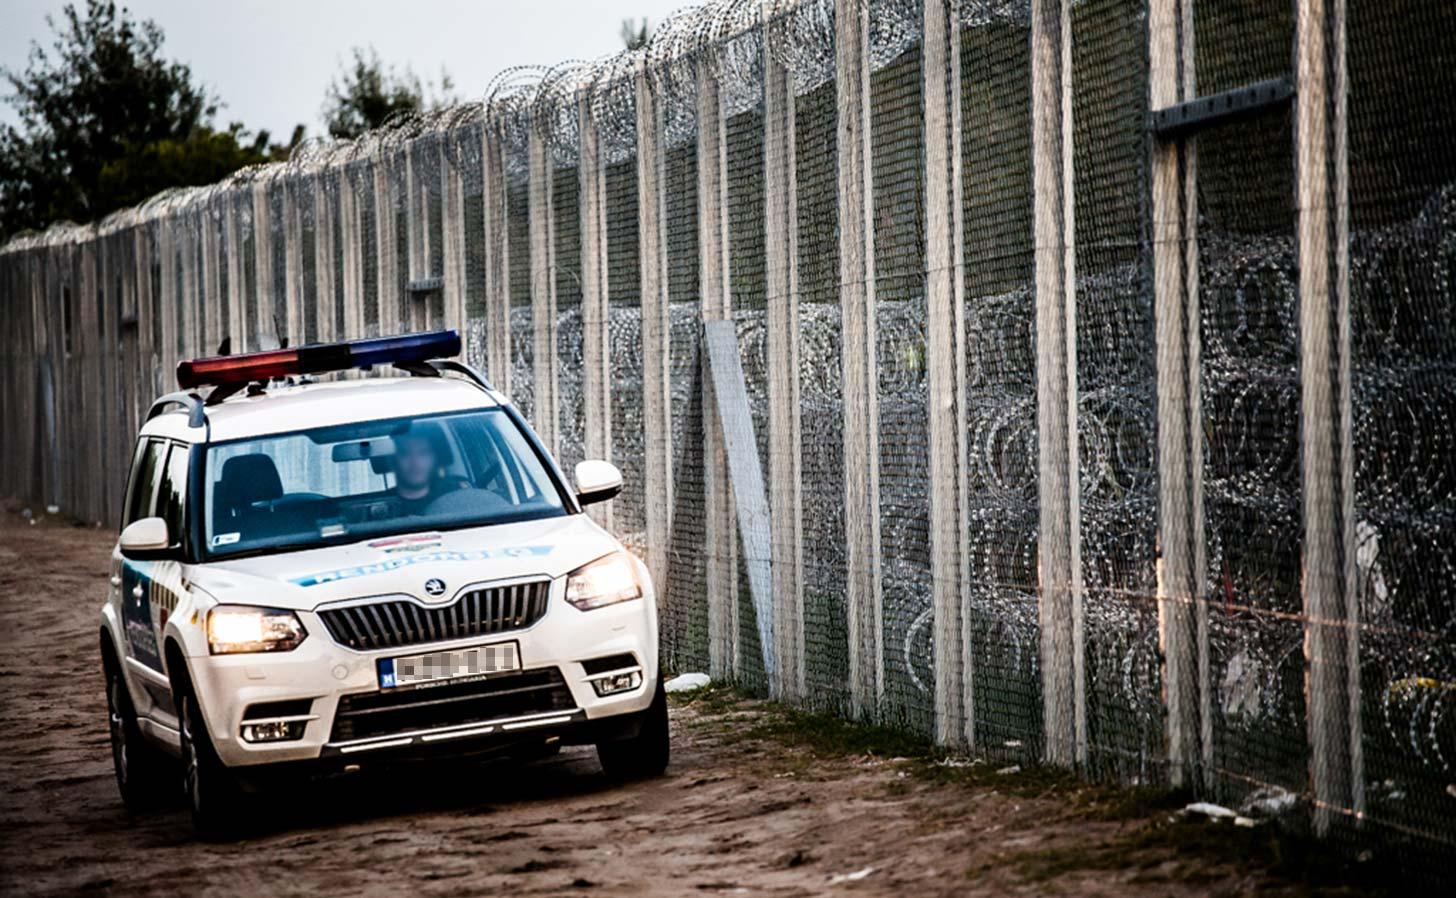 En gränspolis patrullerar Ungerns nya gränsstängsel. Foto: Bőr Benedek photo / Flickr (CC BY 2.0)